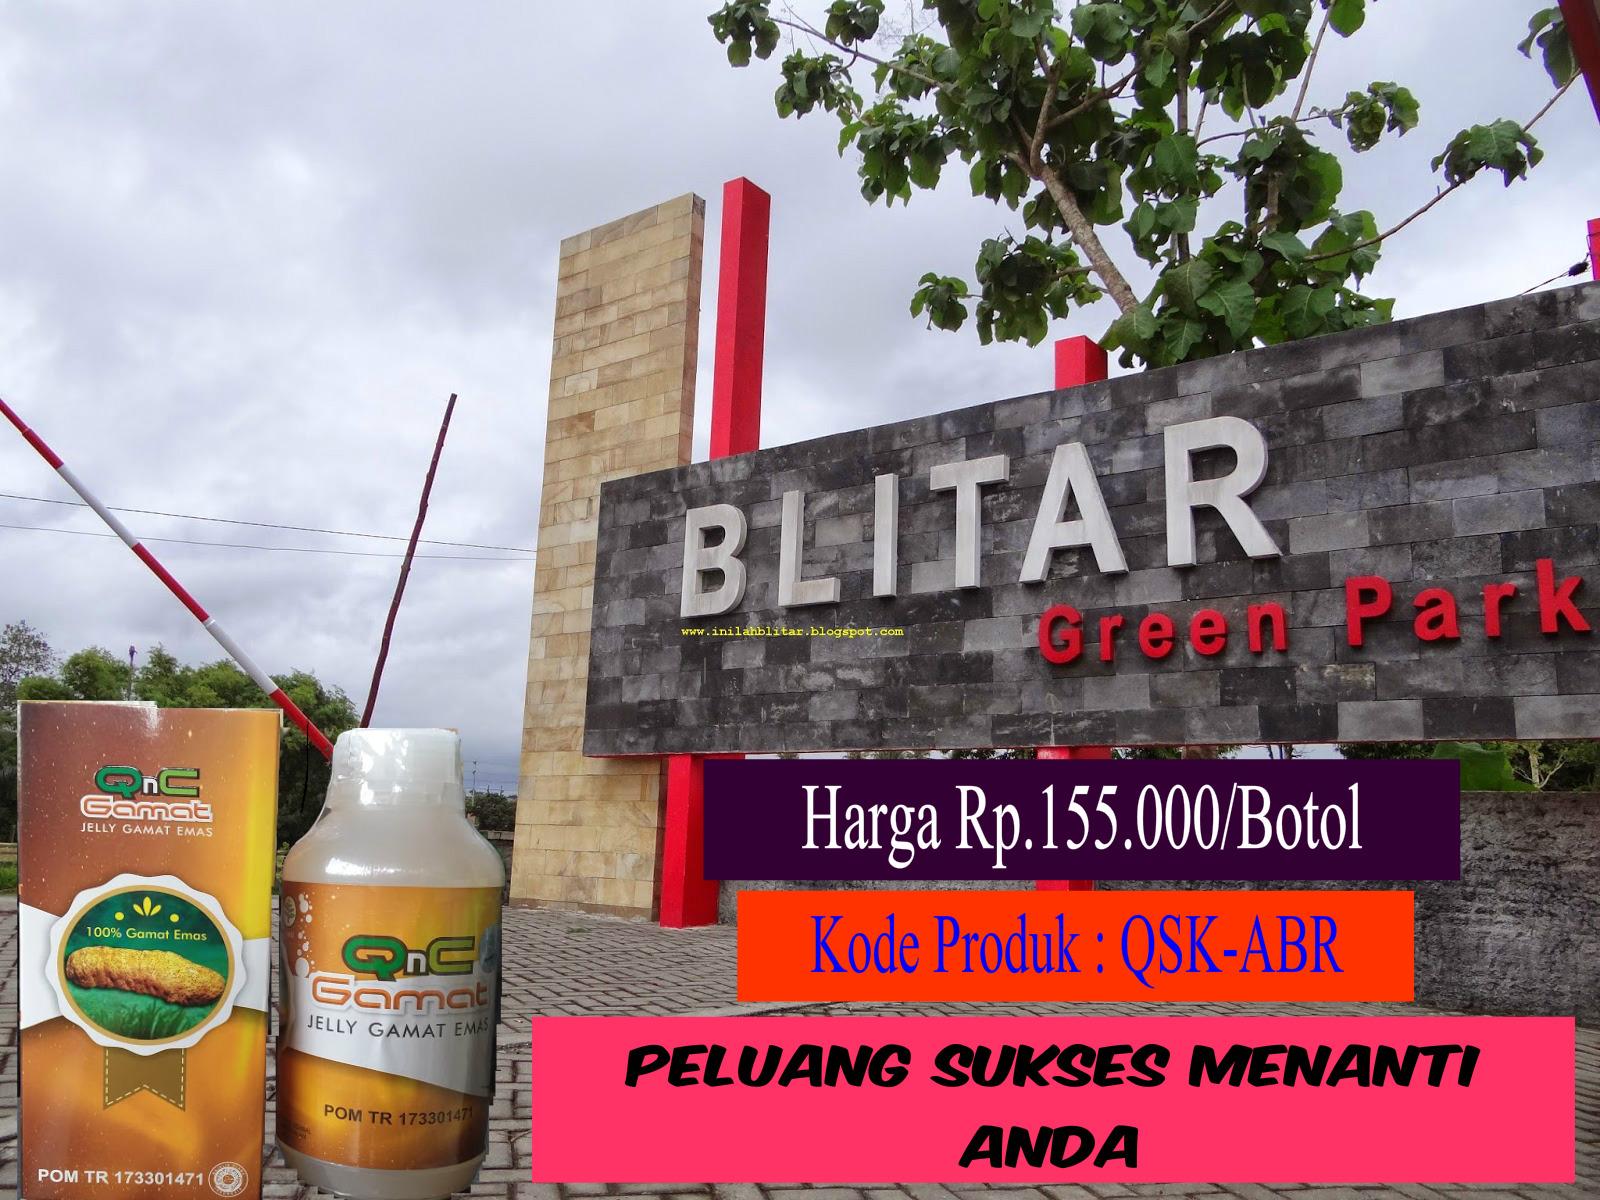 Penjual QnC Jelly Gamat Di Blitar